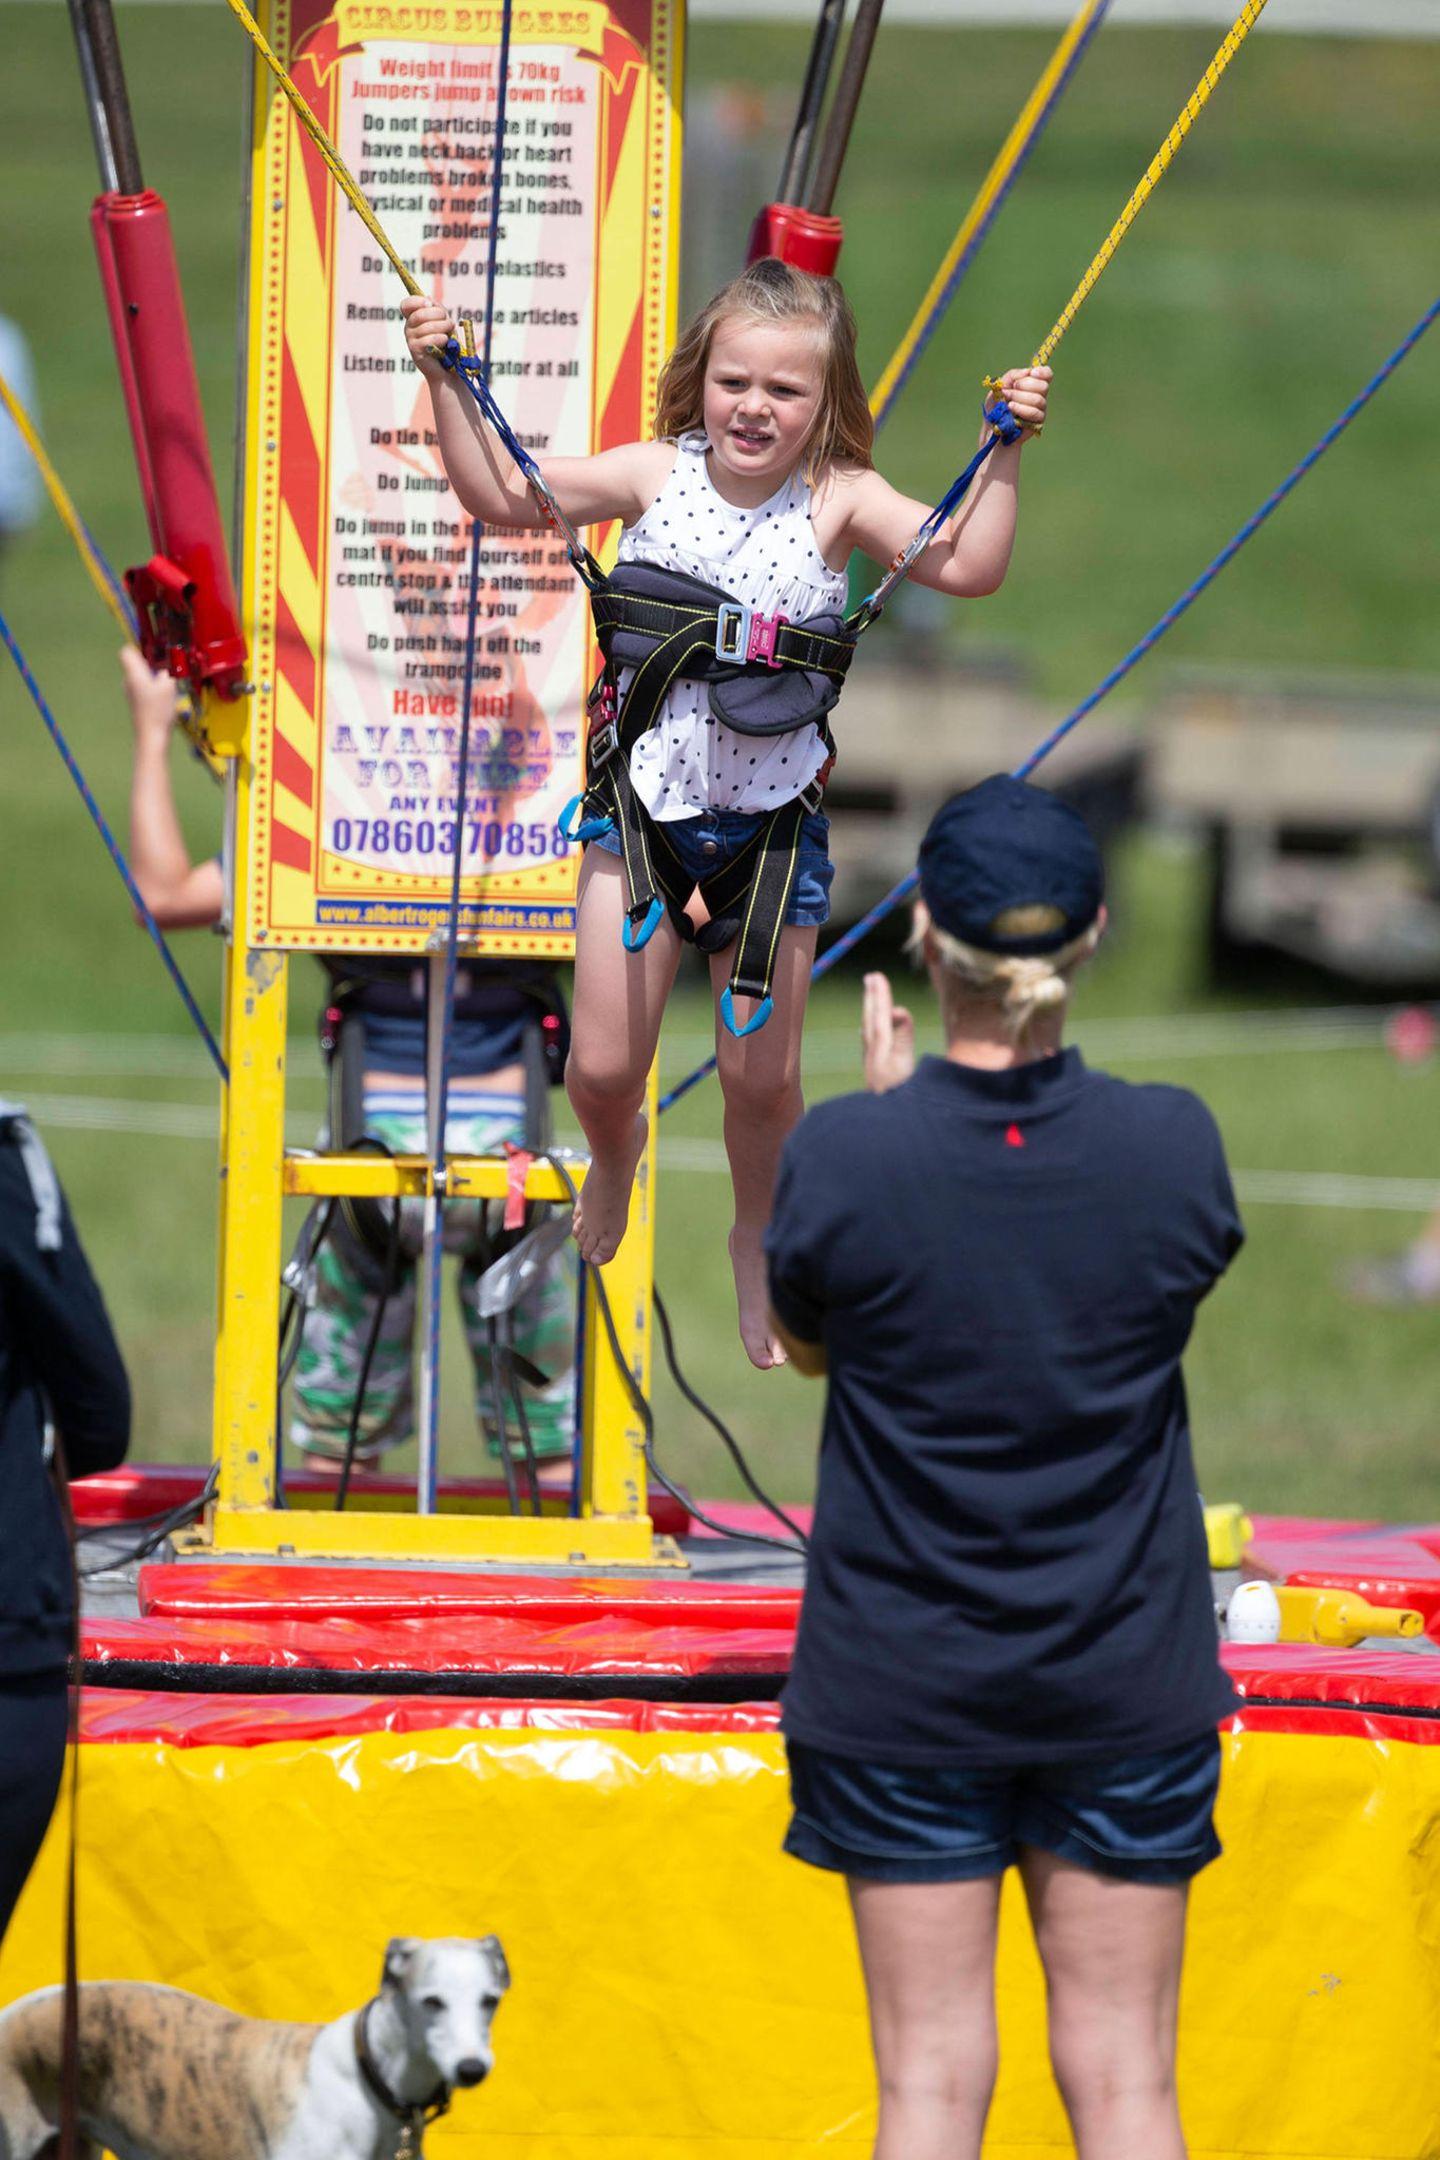 7. Juli 2019  Mia Tindall ist auch auf dem Bungee-Trampolin für Kids nicht zu bändigen. Mama Zara Tindall, die bei den Barbury Horse Trials in Marlborough gerade noch auf ihrem Pferd saß, feuert ihre energiegeladene Tochter ordentlich an.